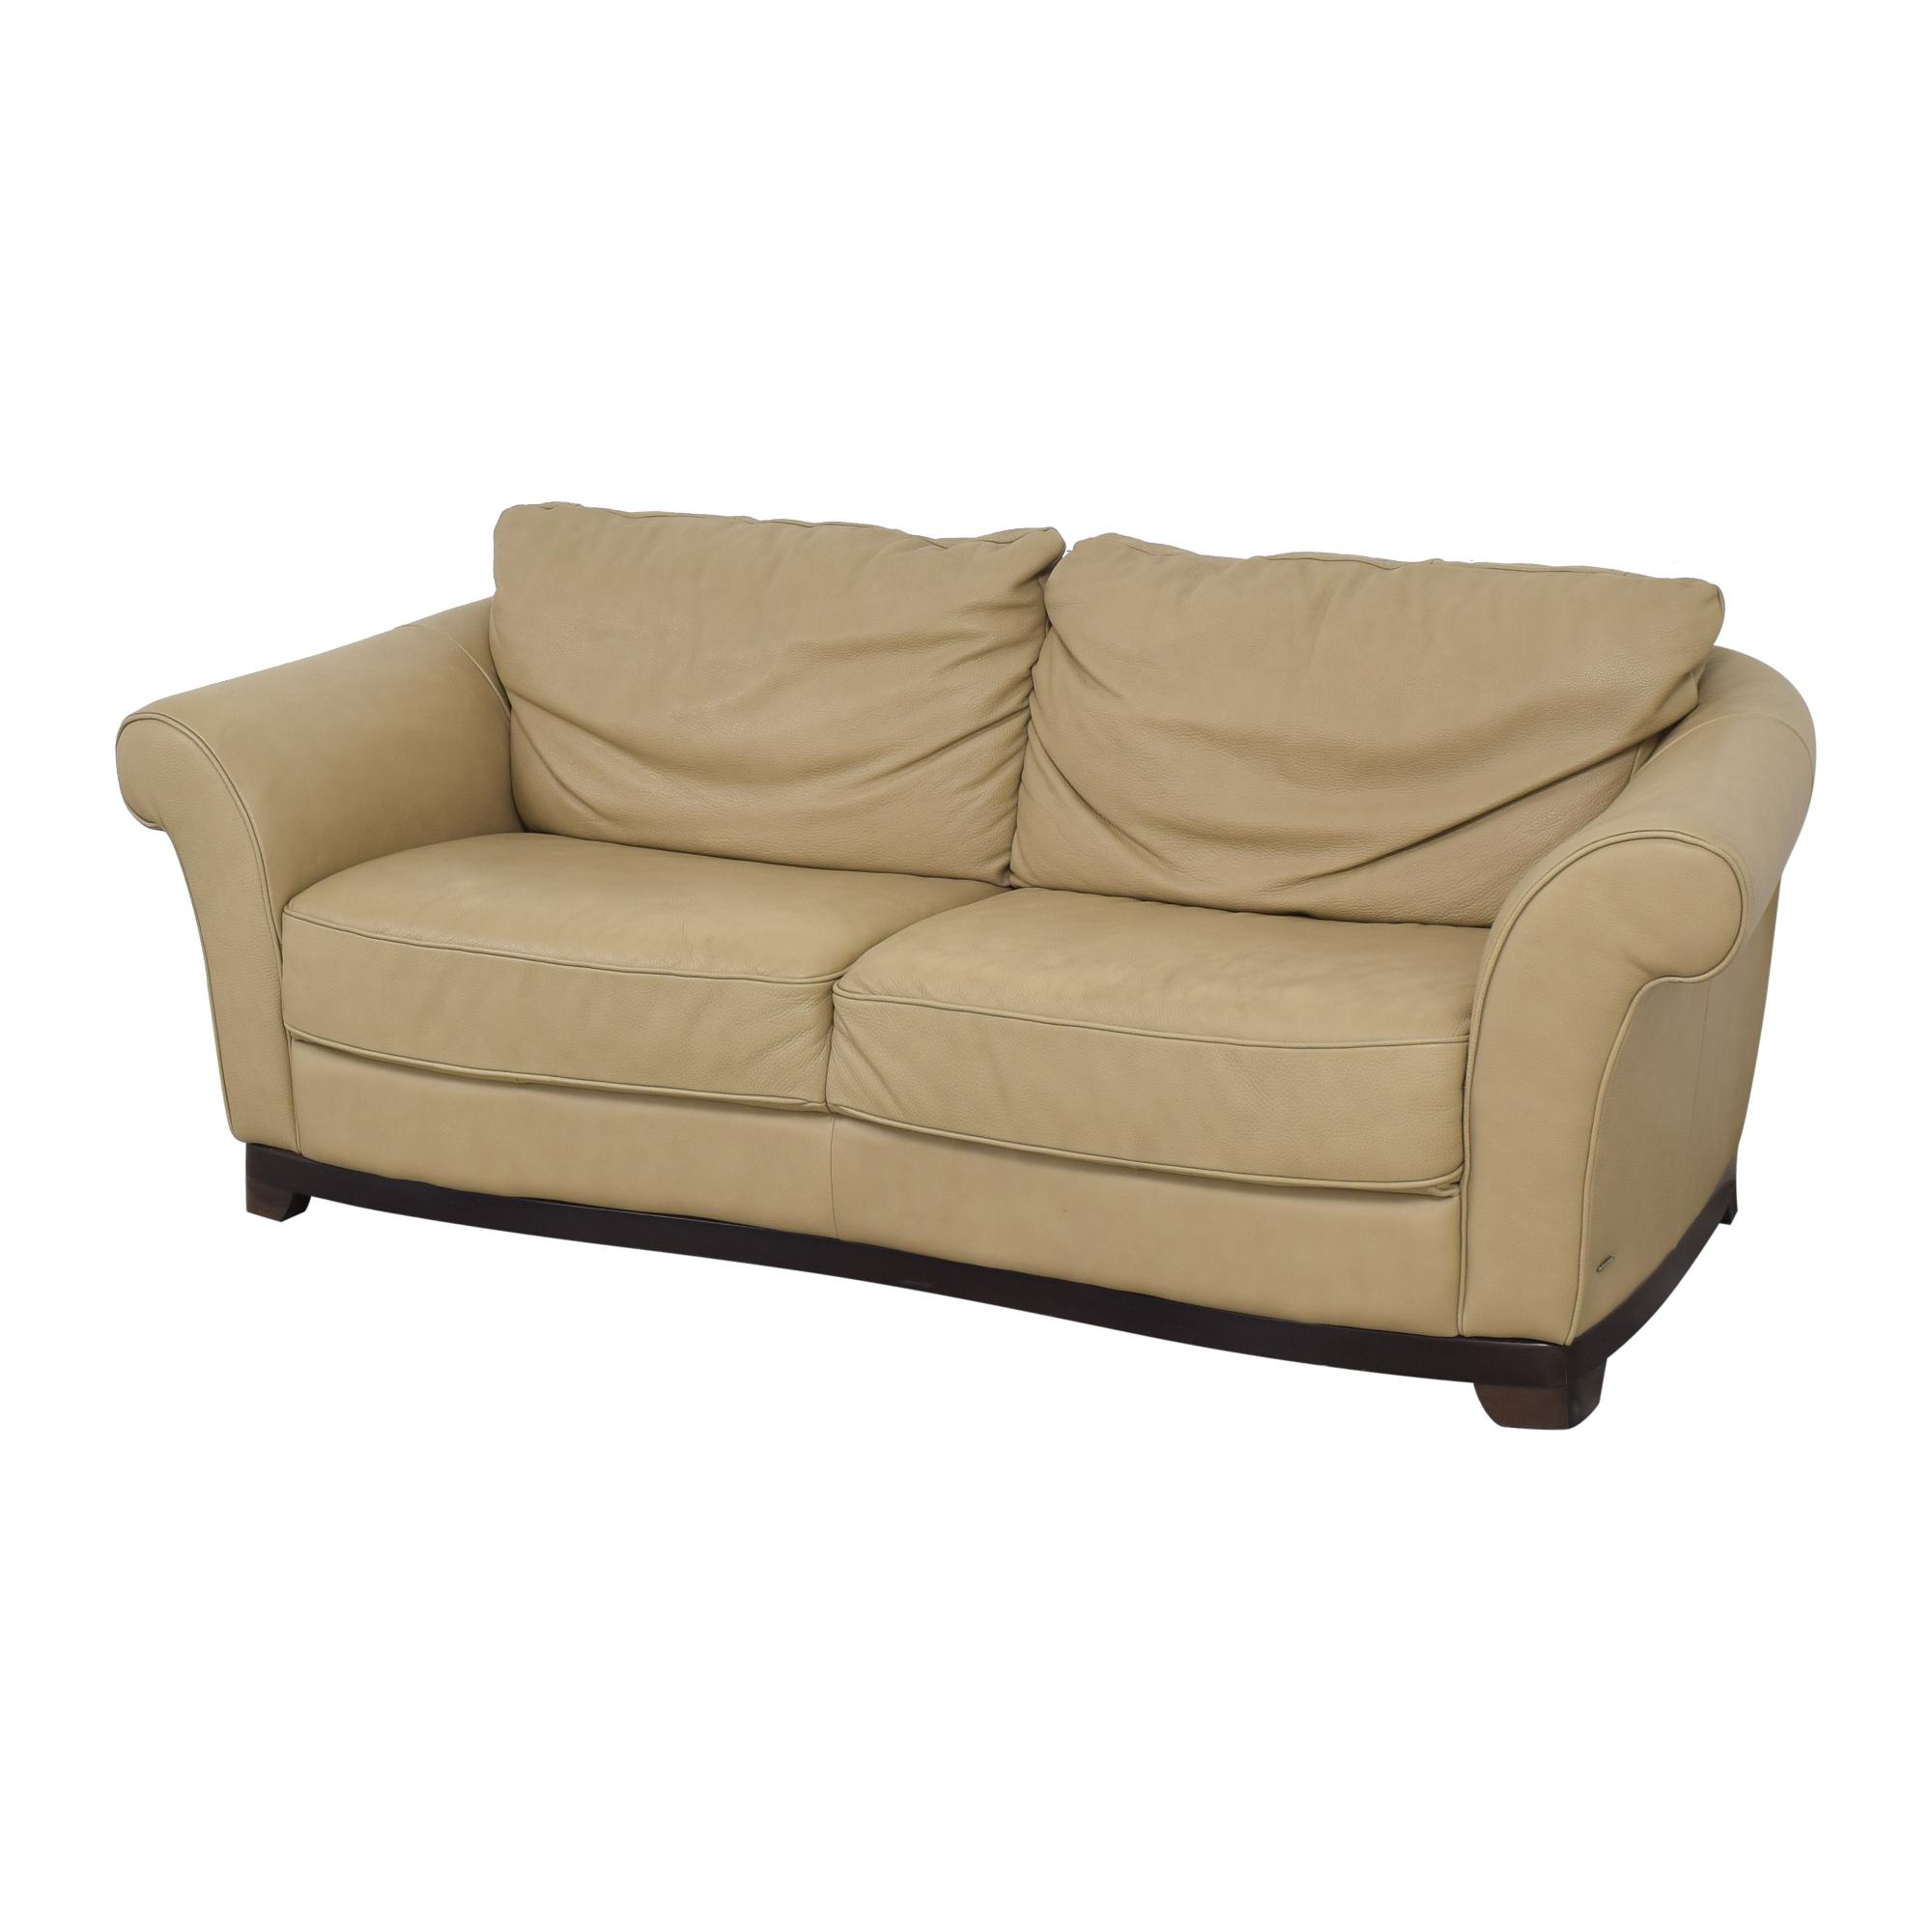 Natuzzi Natuzzi Two Cushion Loveseat pa